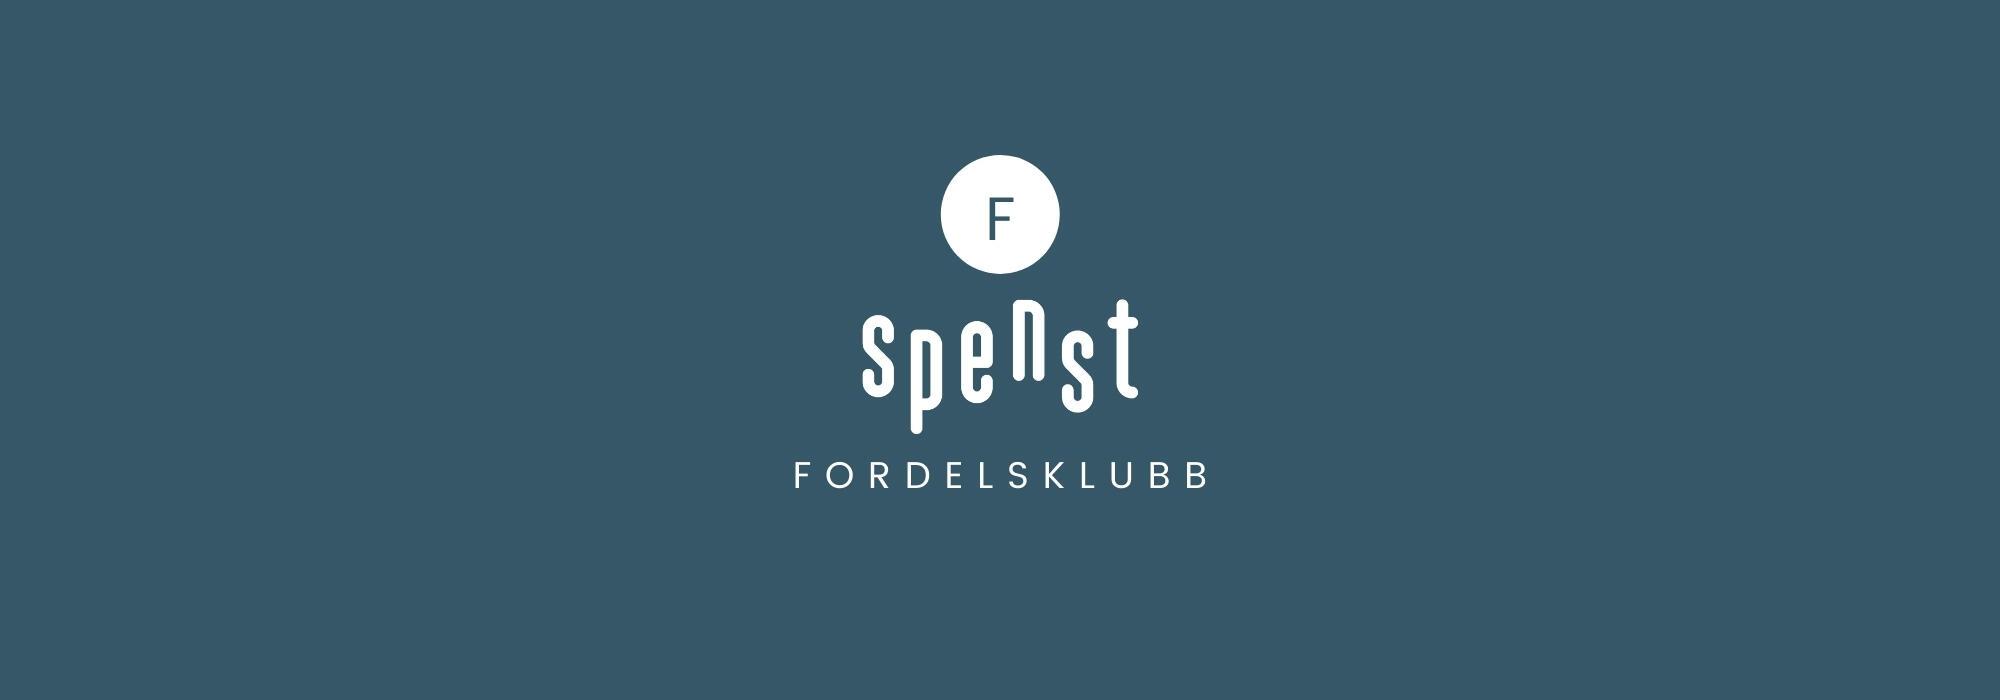 Fordelsklubb logo